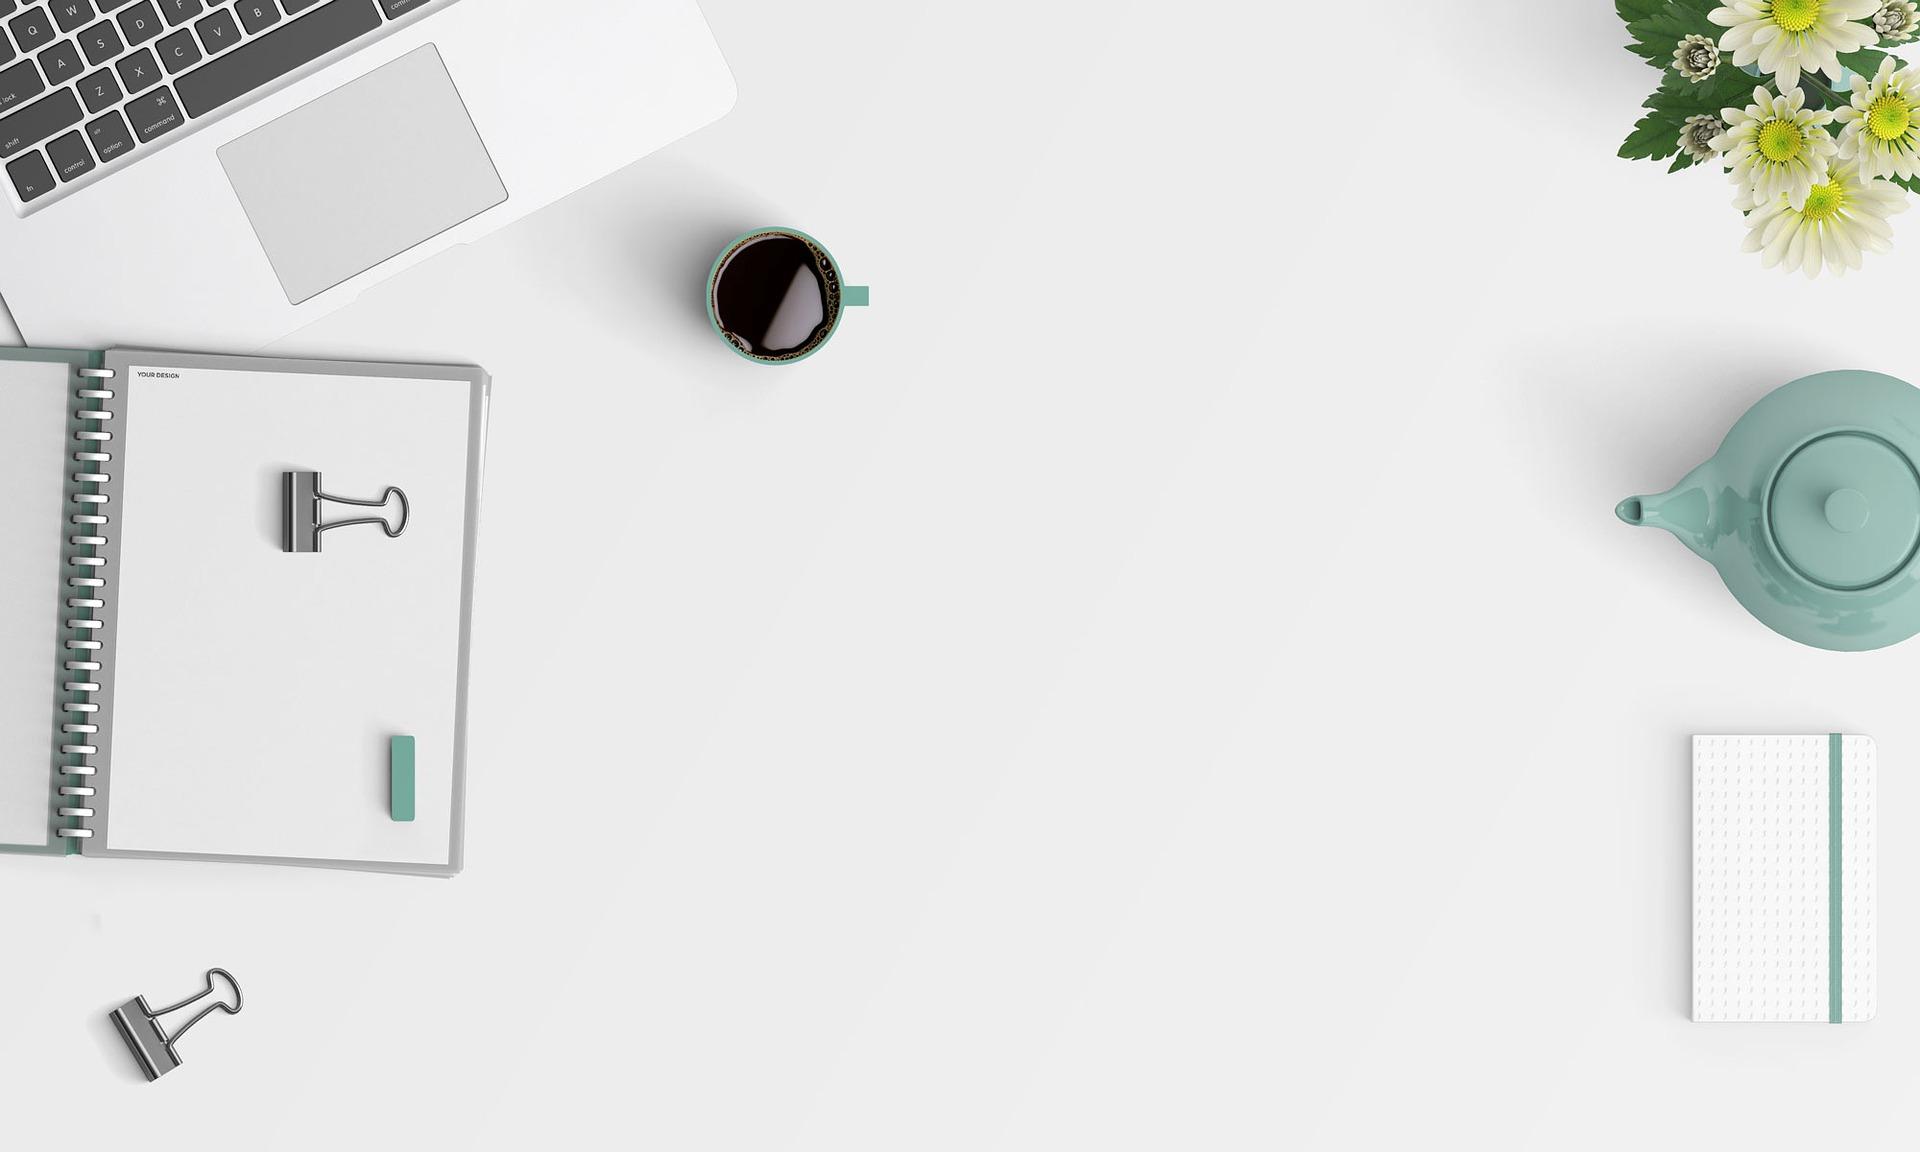 WordPressでブログの始め方!初心者におすすめのサーバー・ドメイン・テーマも紹介